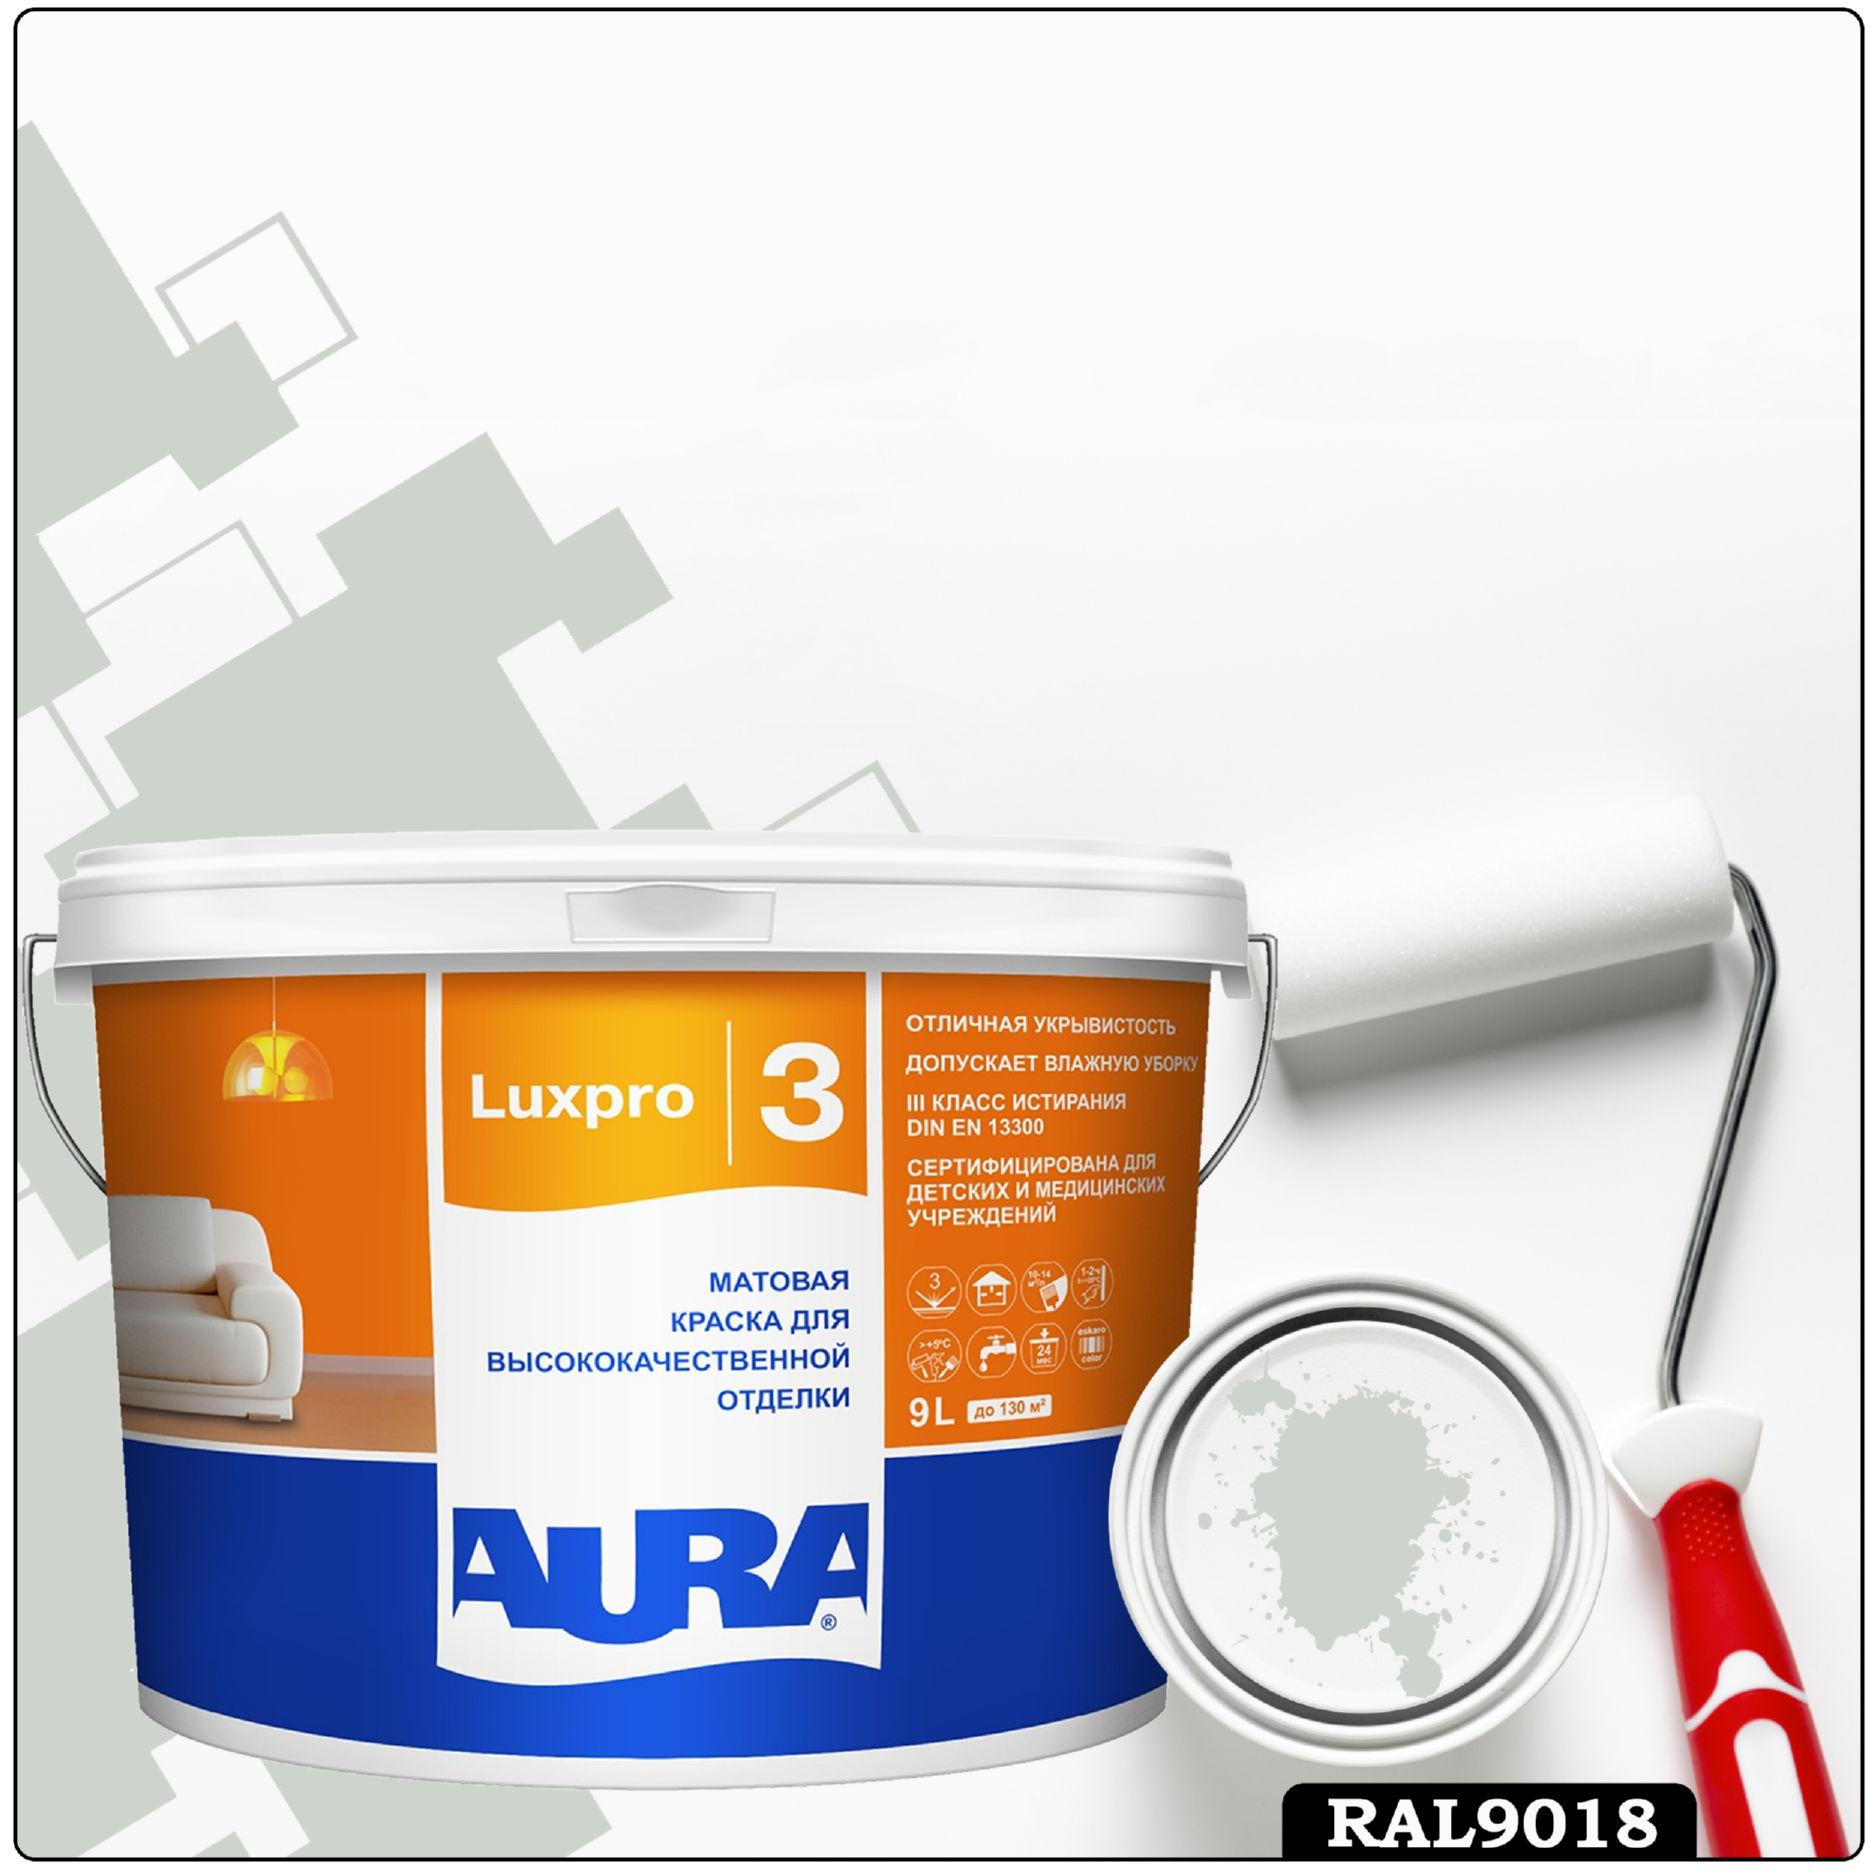 Фото 10 - Краска Aura LuxPRO 3, RAL 9018 Белый папирус, латексная, шелково-матовая, интерьерная, 9л, Аура.